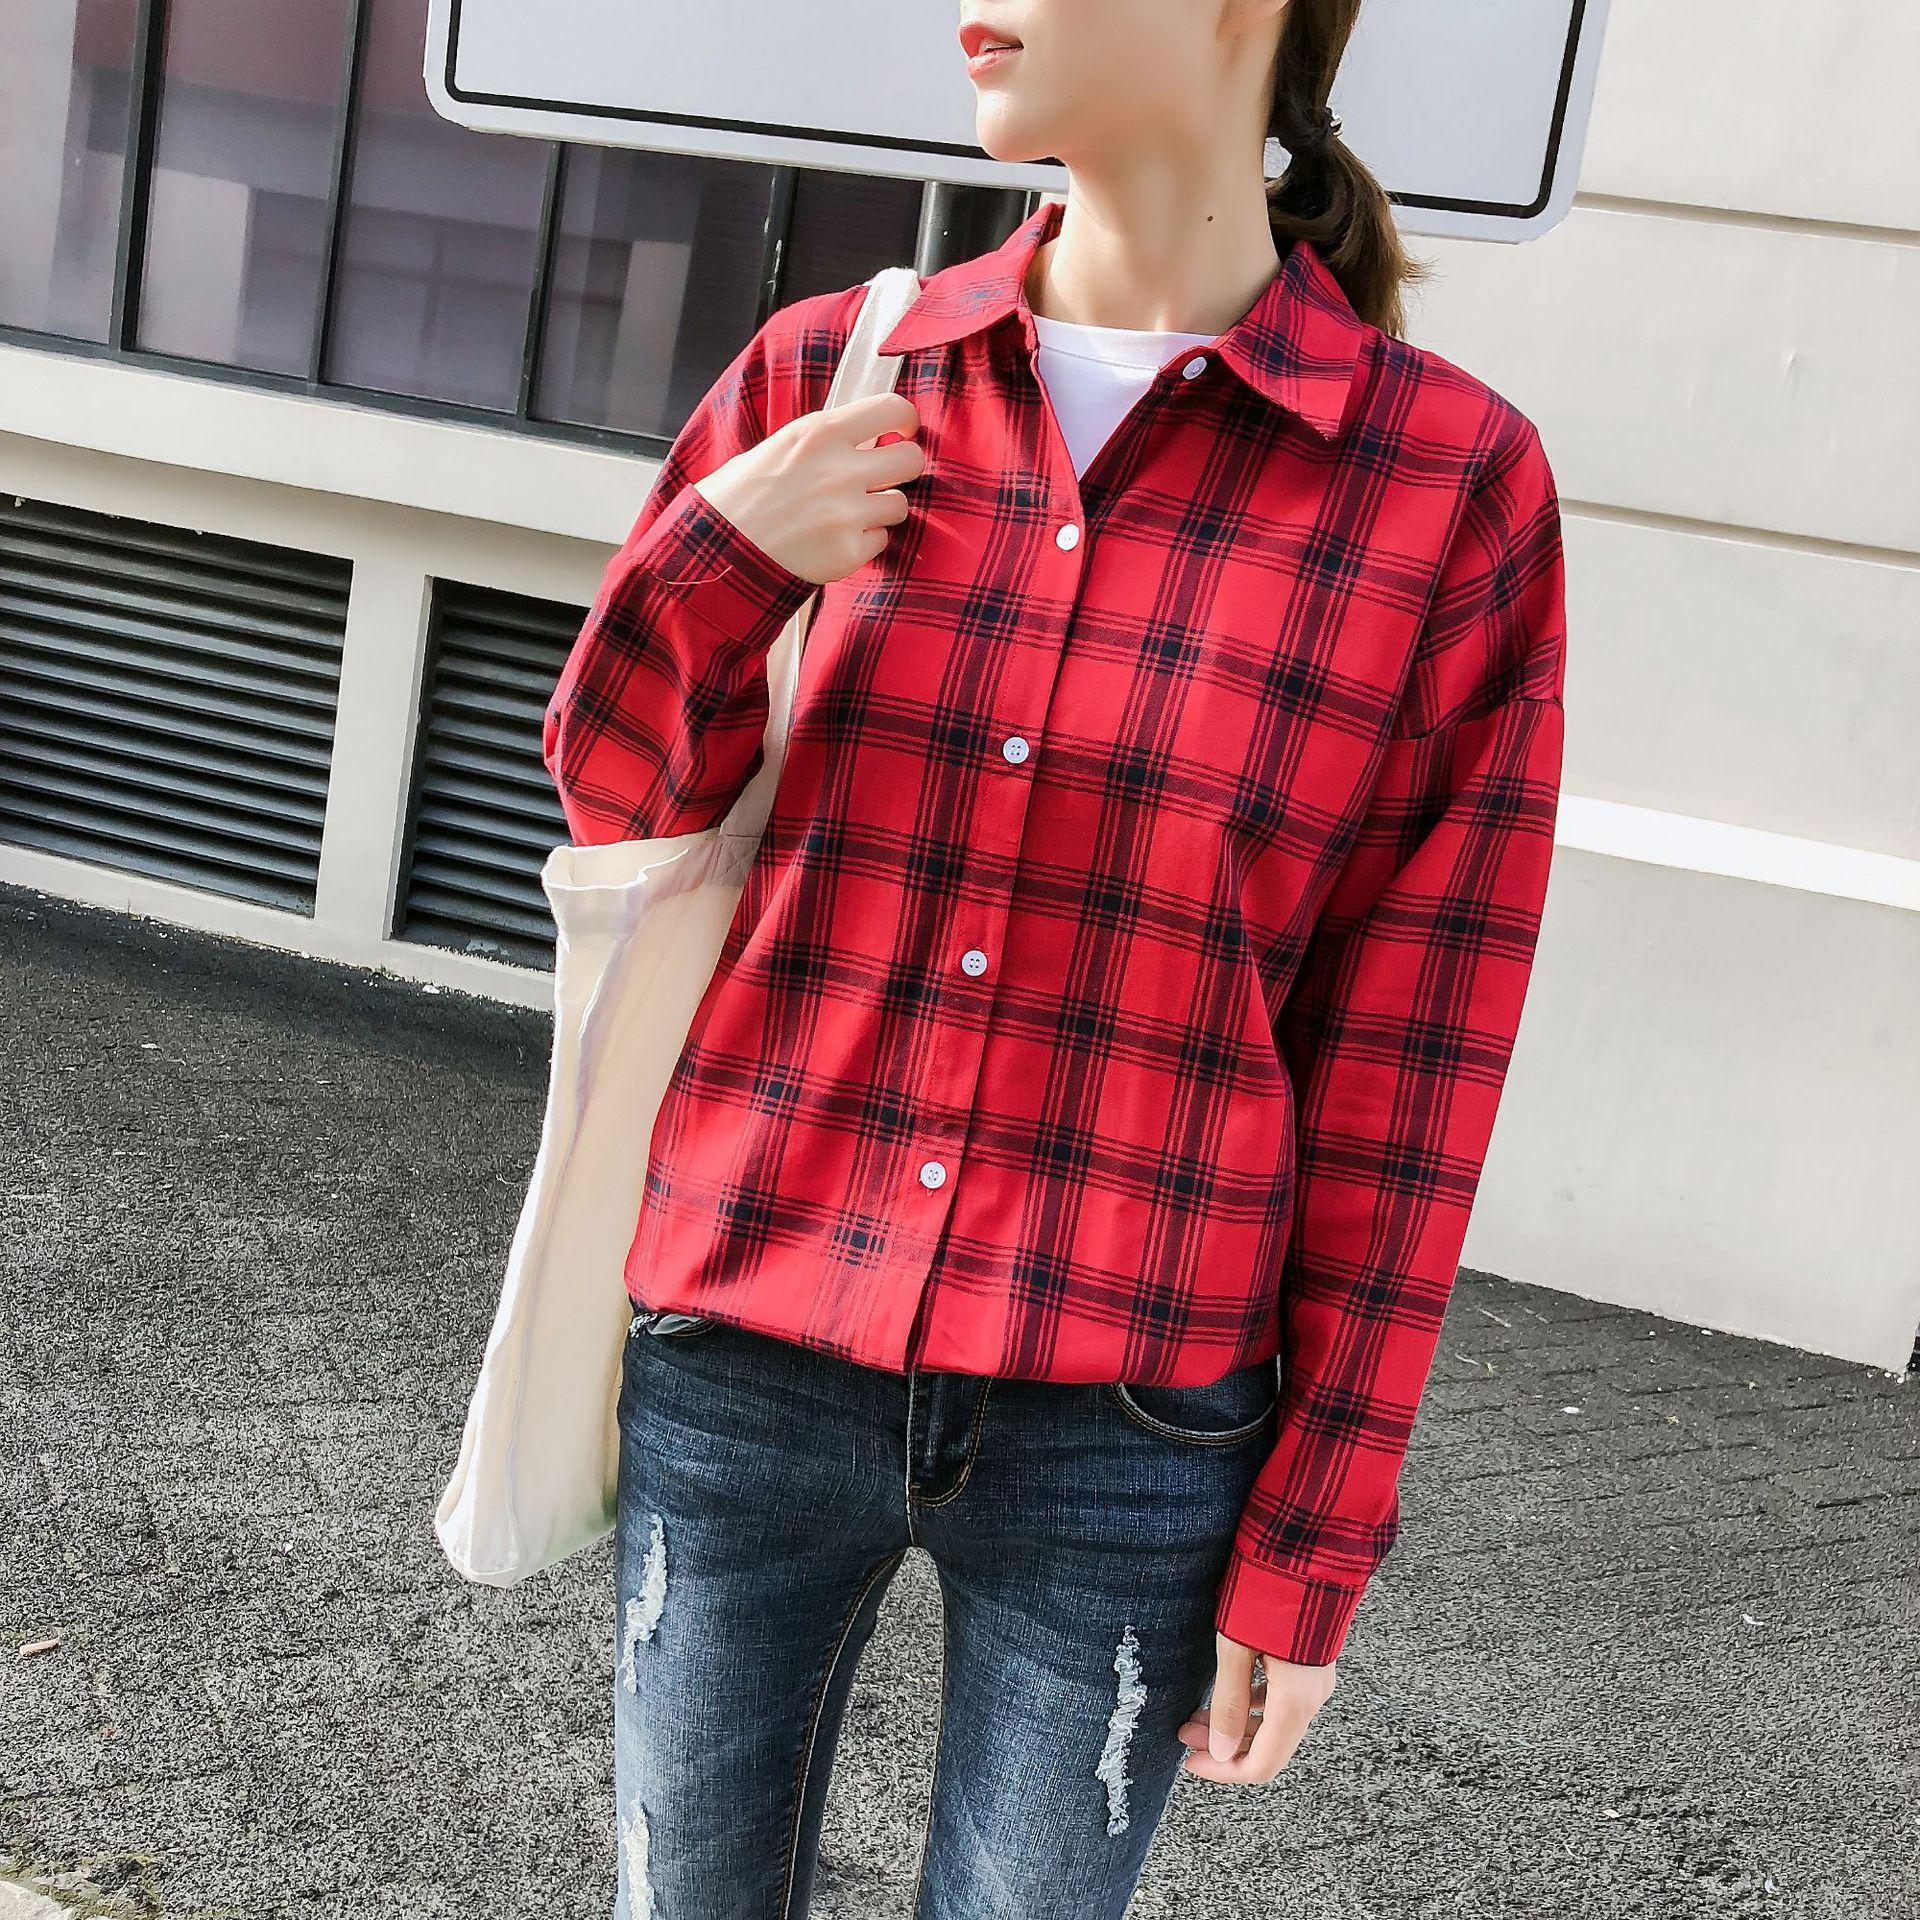 격자 무늬 셔츠 여성 블라우스 레드 블랙 체크 남자 친구 스타일 100 % 코튼 긴 소매 셔츠 느슨한 Camisa 레이디 가을 탑